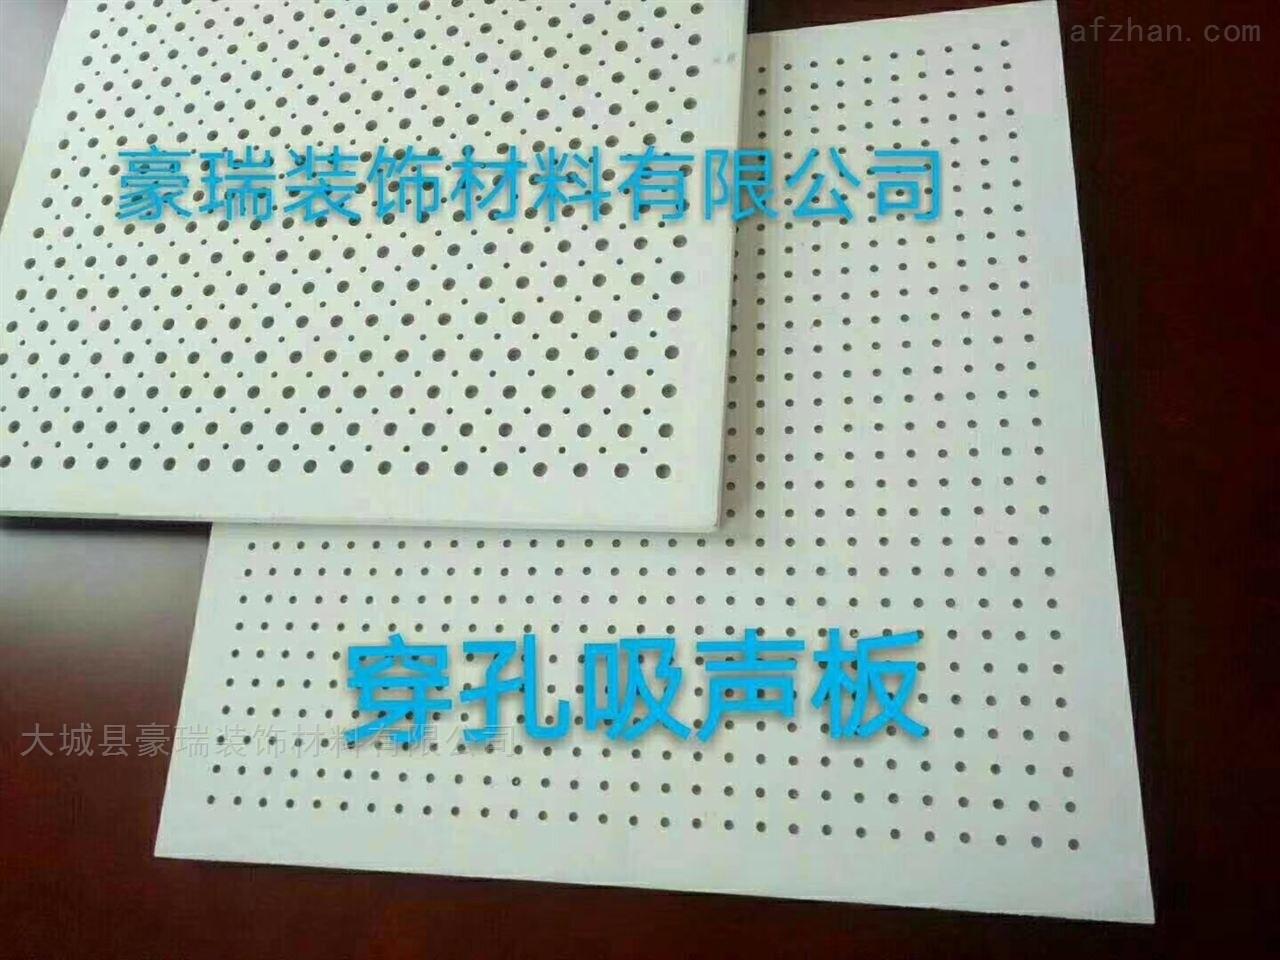 桂林硅酸钙板穿孔吸音岩棉板有防水性能